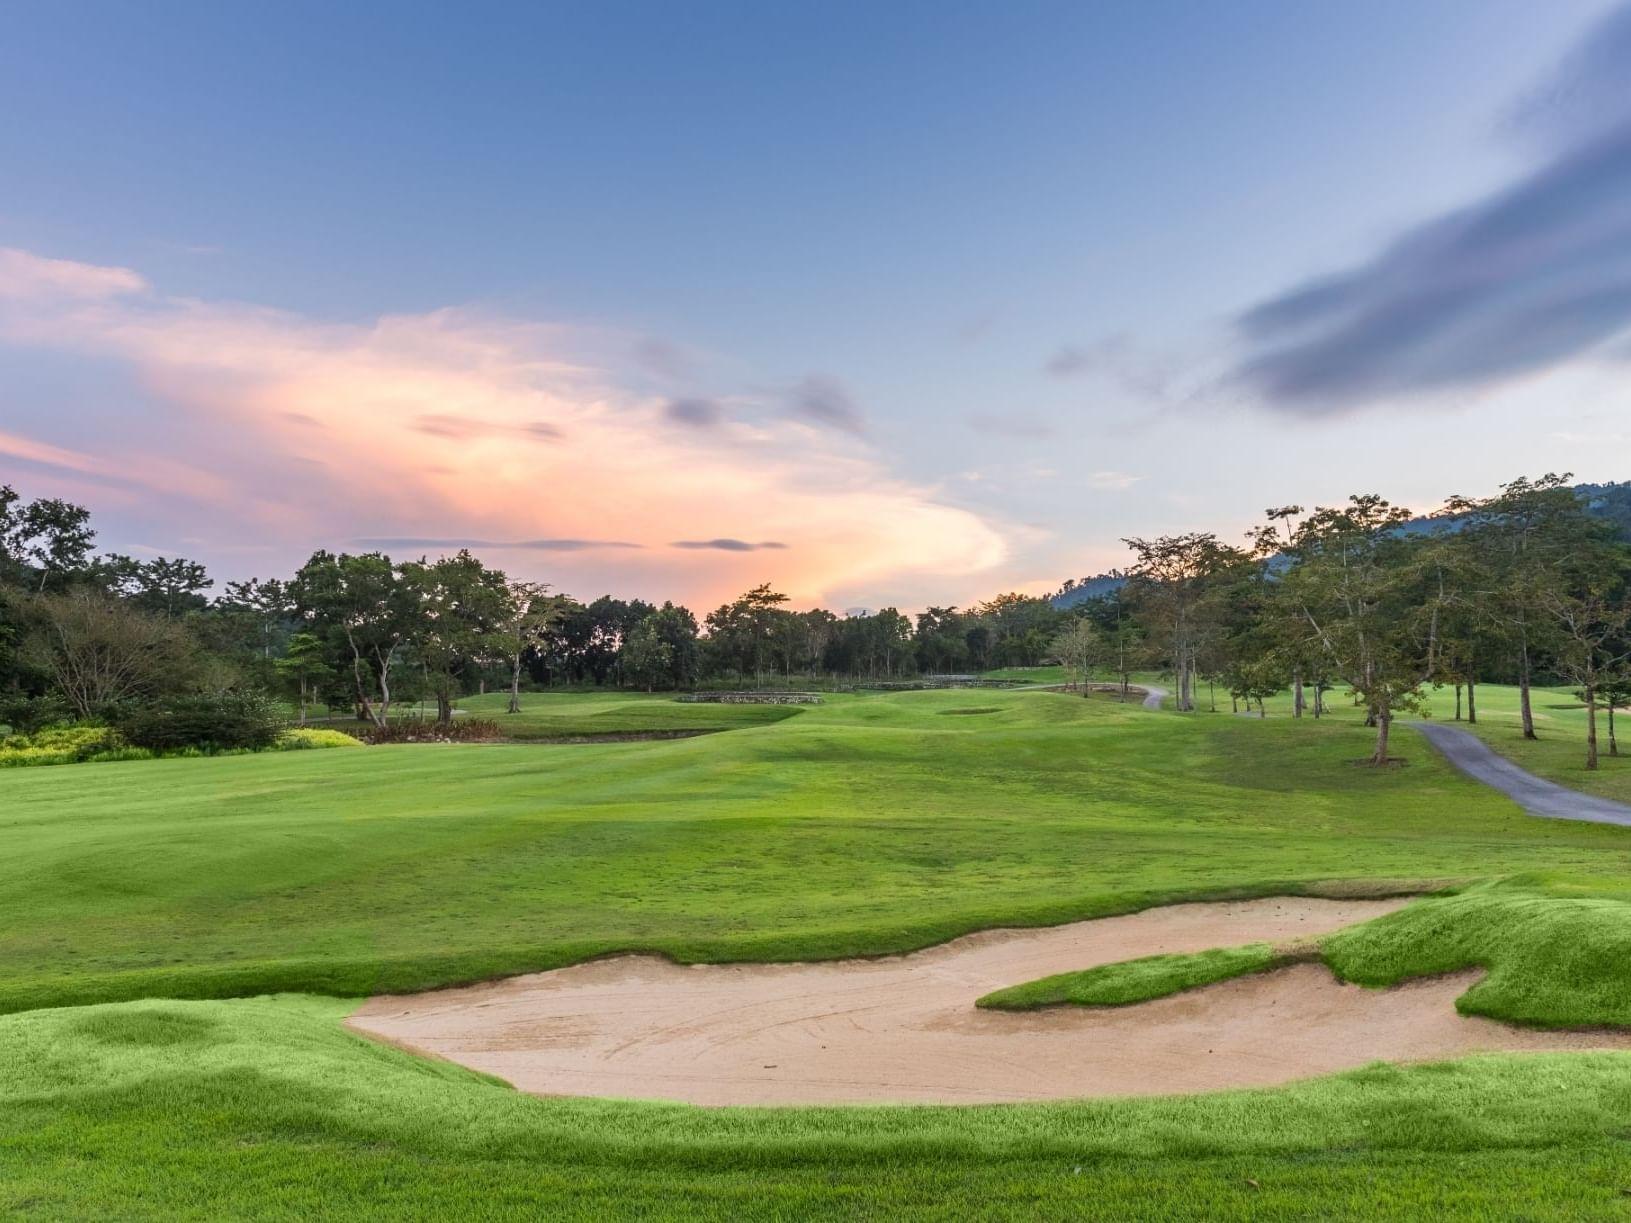 Golf ground at Chatrium Golf Resort Soi Dao Chanthaburi